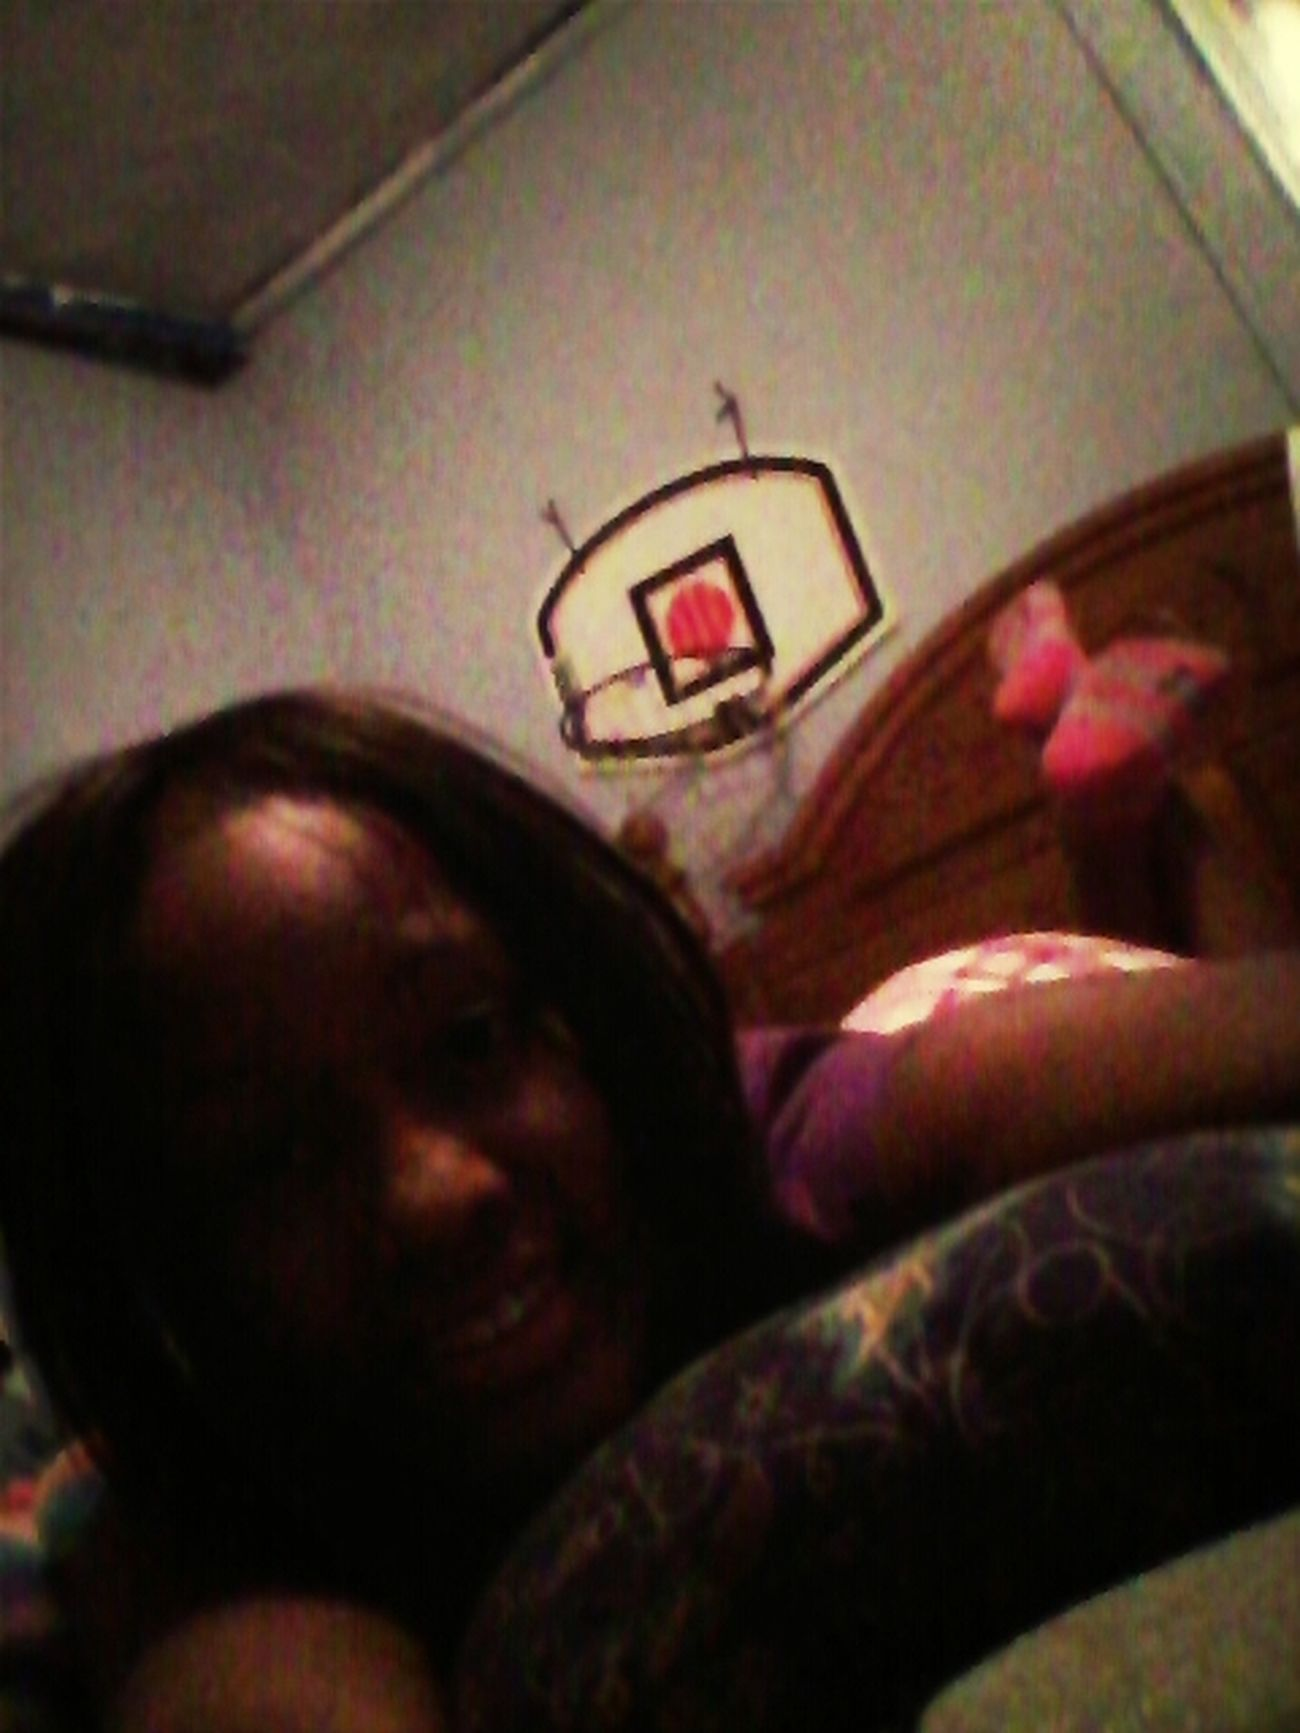 Bored!:(